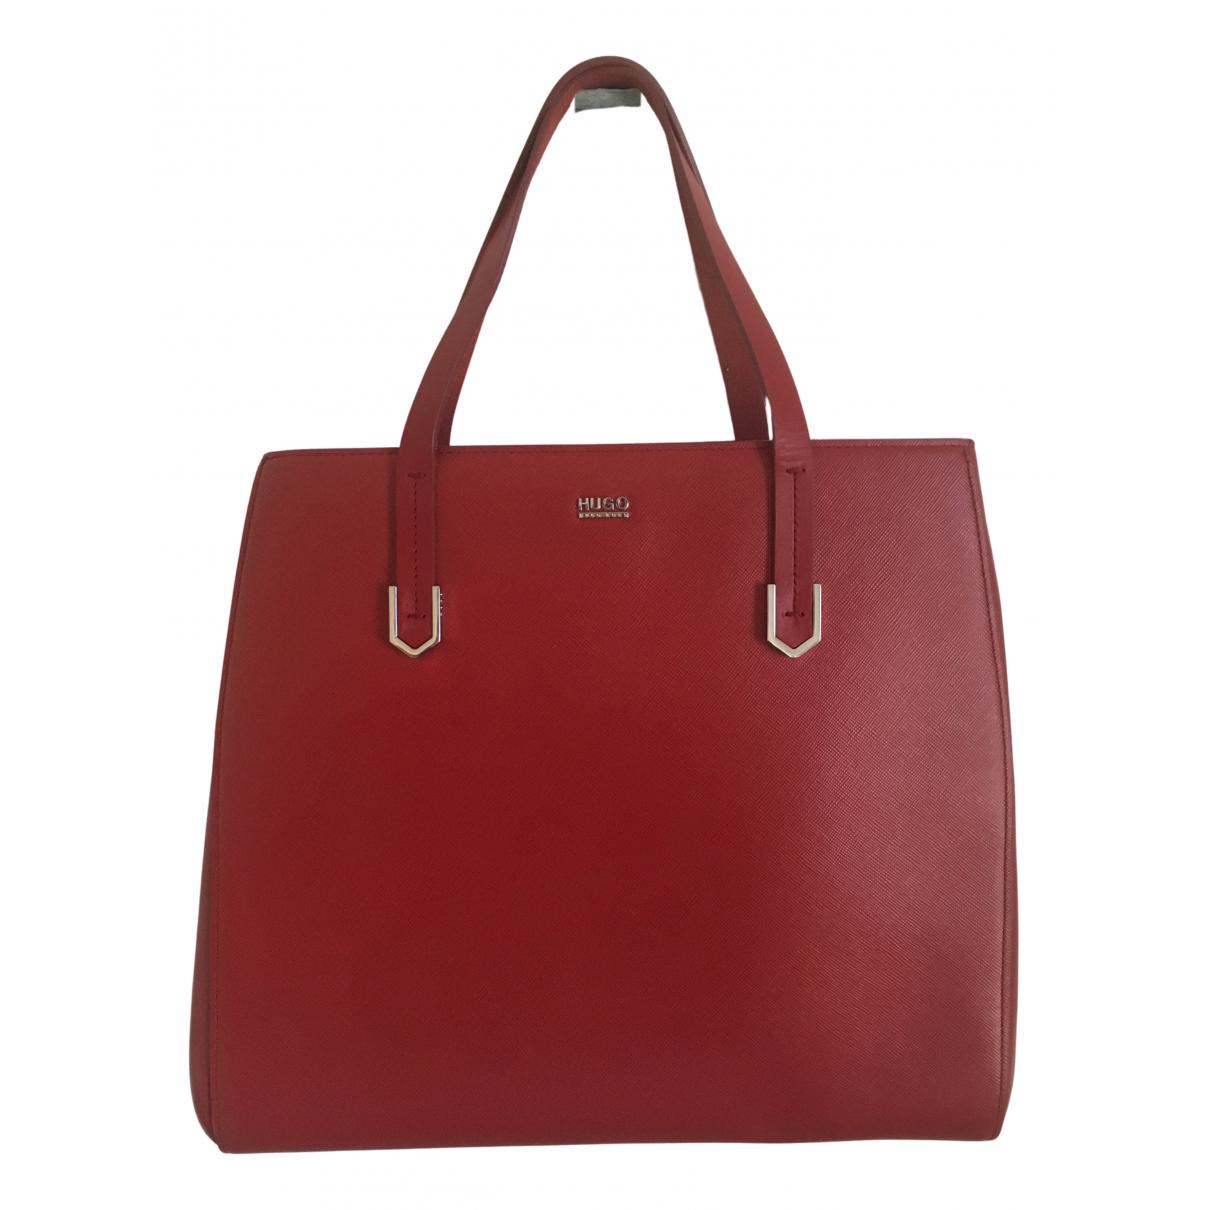 Hugo Boss N Red Leather handbag for Women N